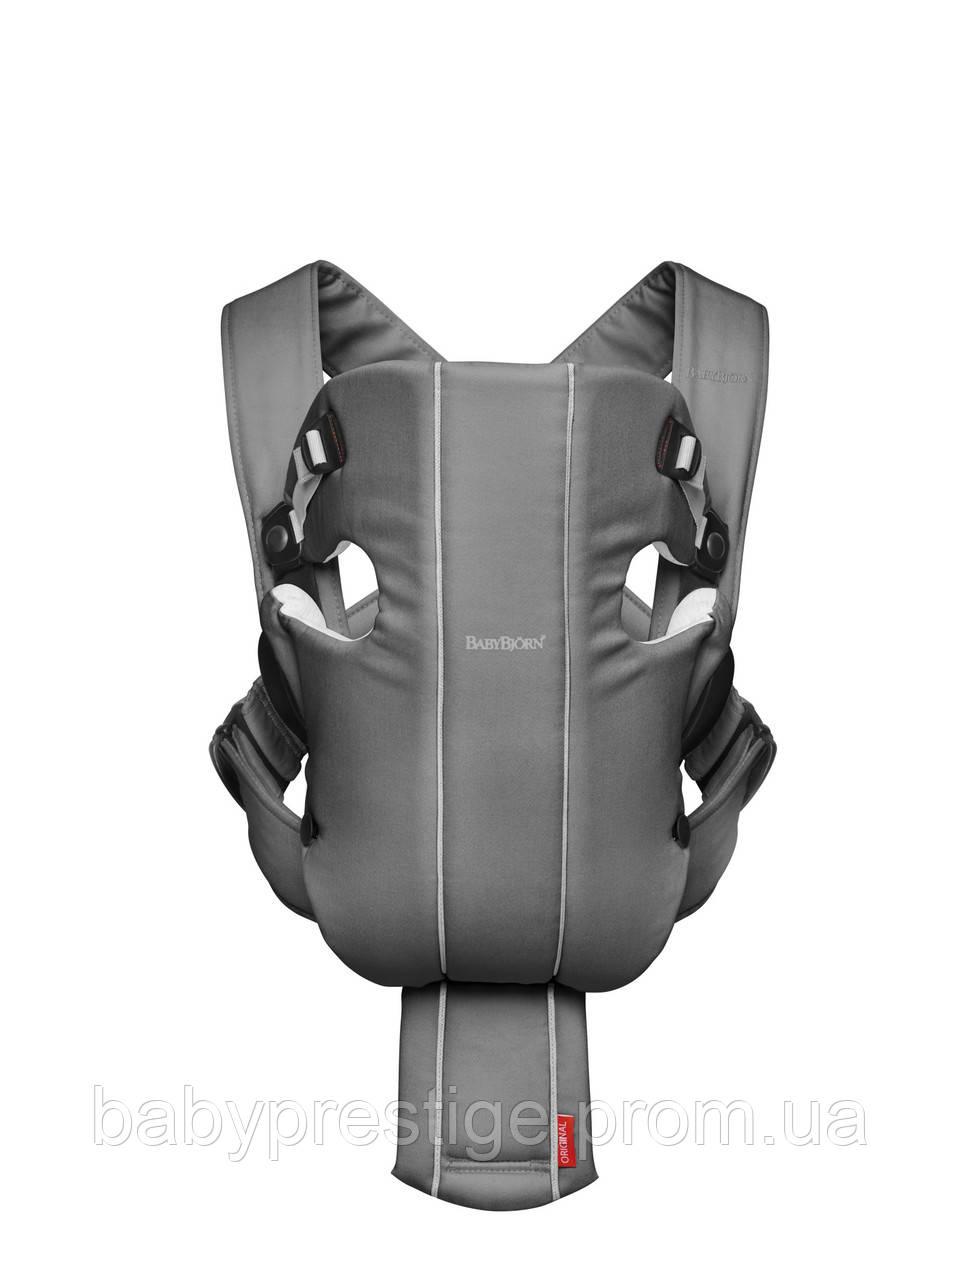 Эргономичный рюкзак кенгуру Babybjorn ORIGINAL Cotton-Jersey, темно-серый/серый